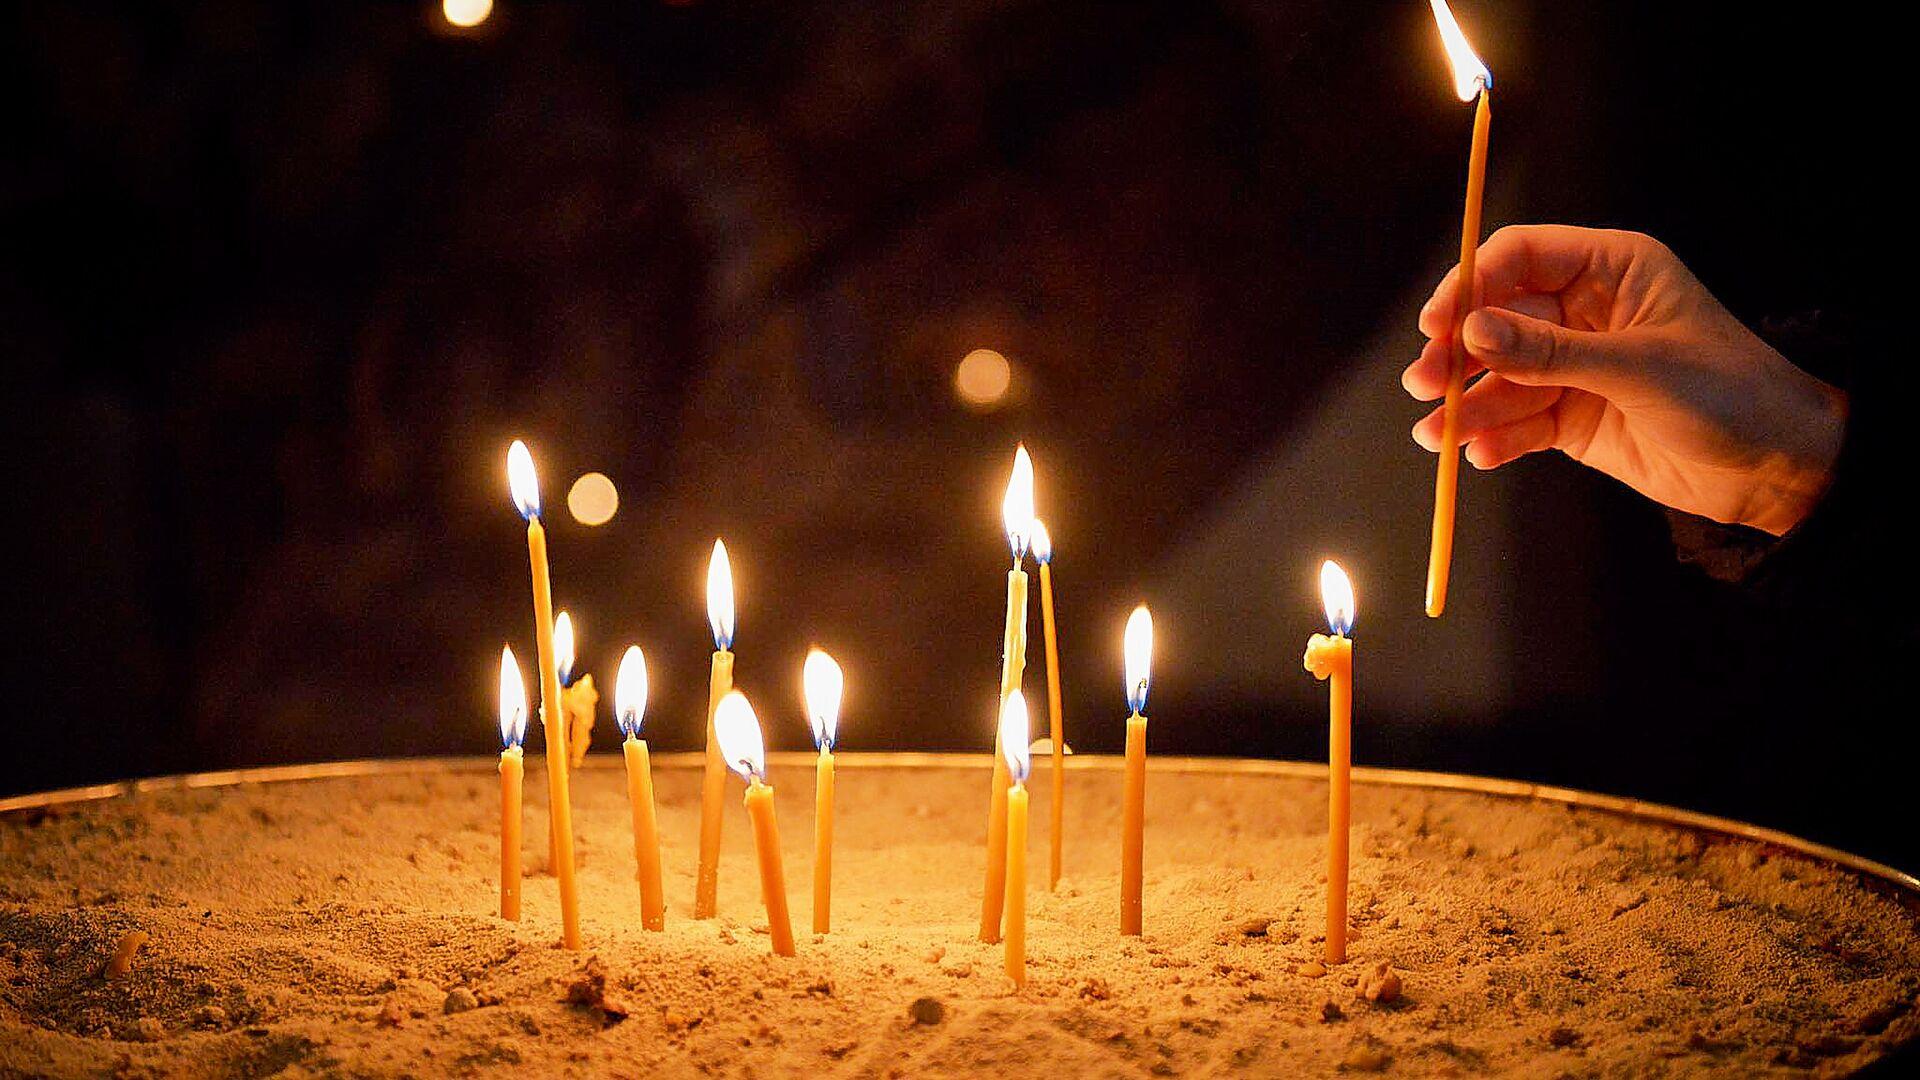 Верующие ставят свечи в храме. Кафедральный собор Святой Троицы Самеба во время карантина - Sputnik Грузия, 1920, 07.10.2021